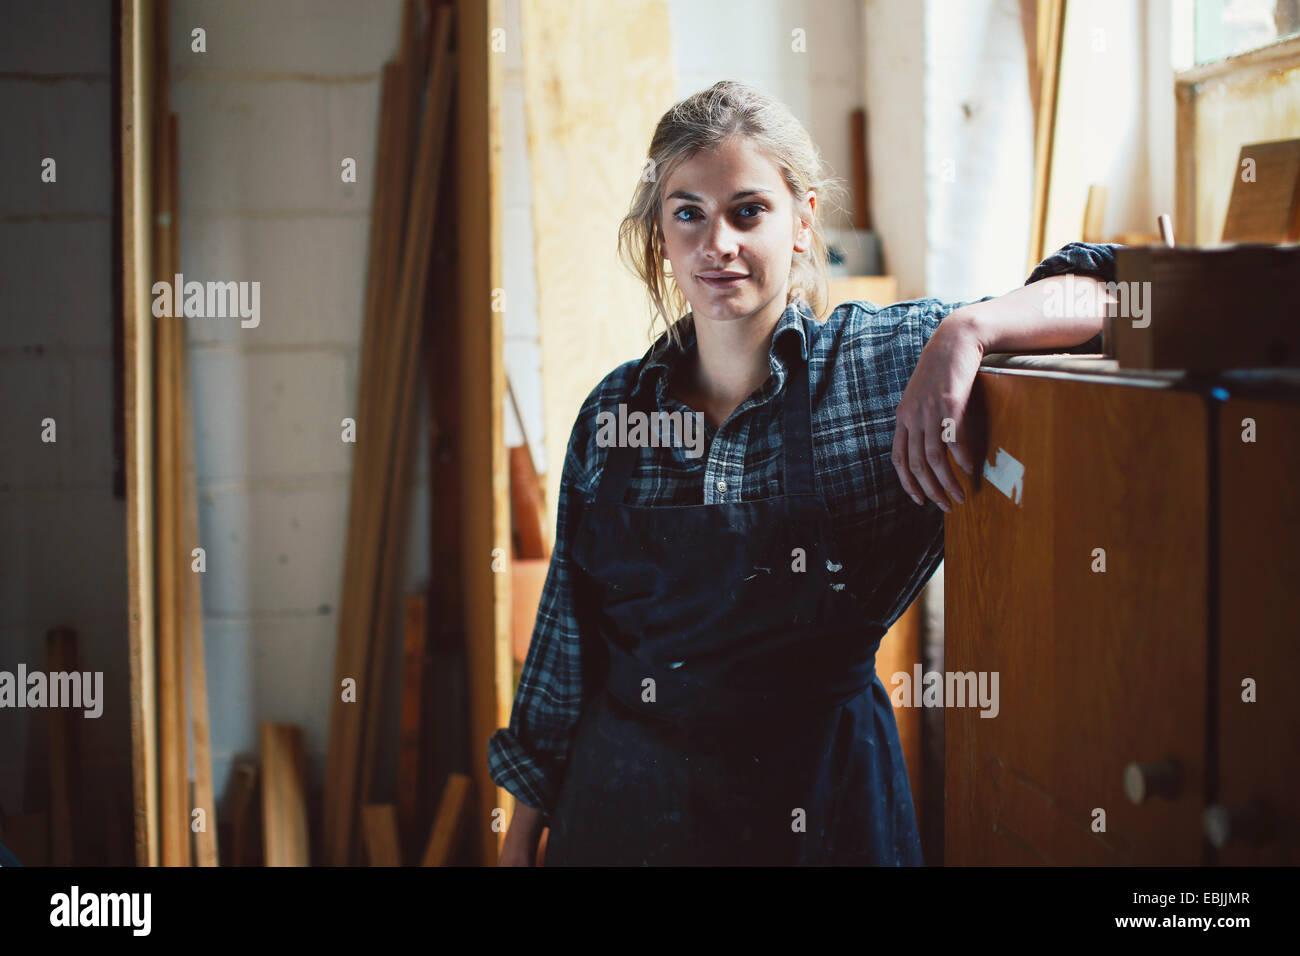 Porträt des jungen Handwerkerin stützte sich auf Schrank in Orgelwerkstatt Stockbild